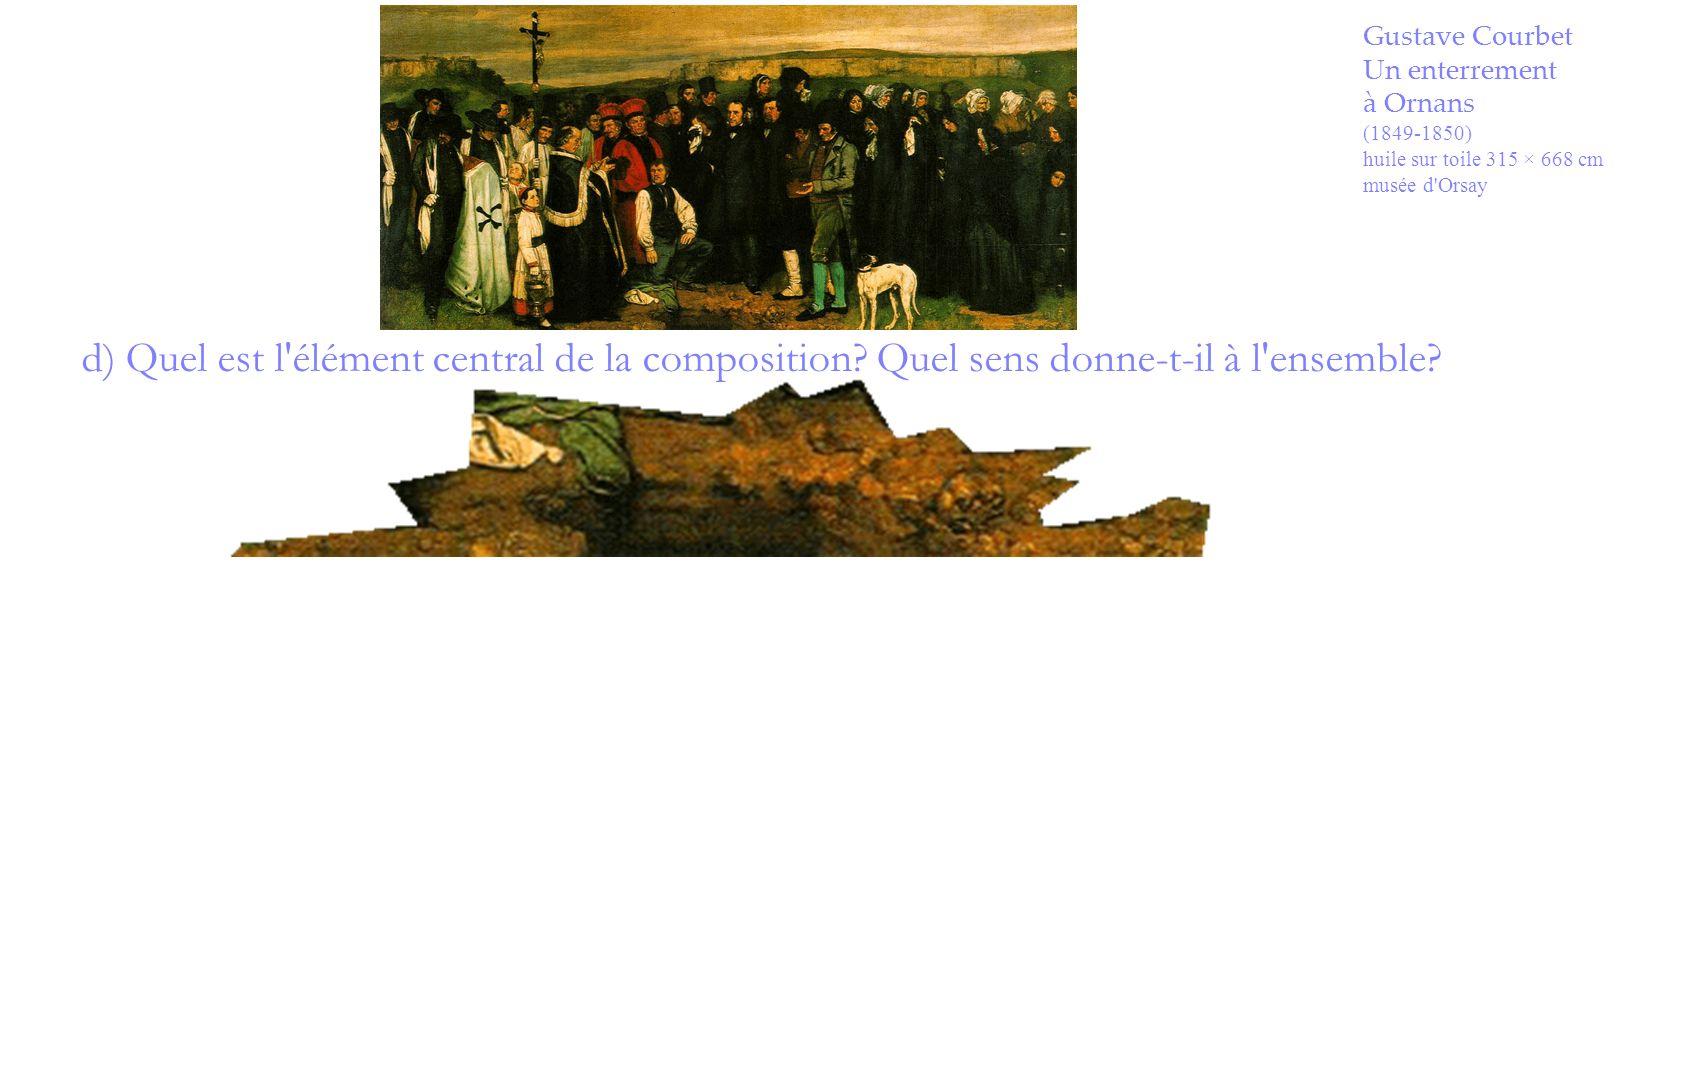 Gustave Courbet Un enterrement à Ornans (1849-1850) huile sur toile 315 × 668 cm musée d'Orsay d) Quel est l'élément central de la composition? Quel s